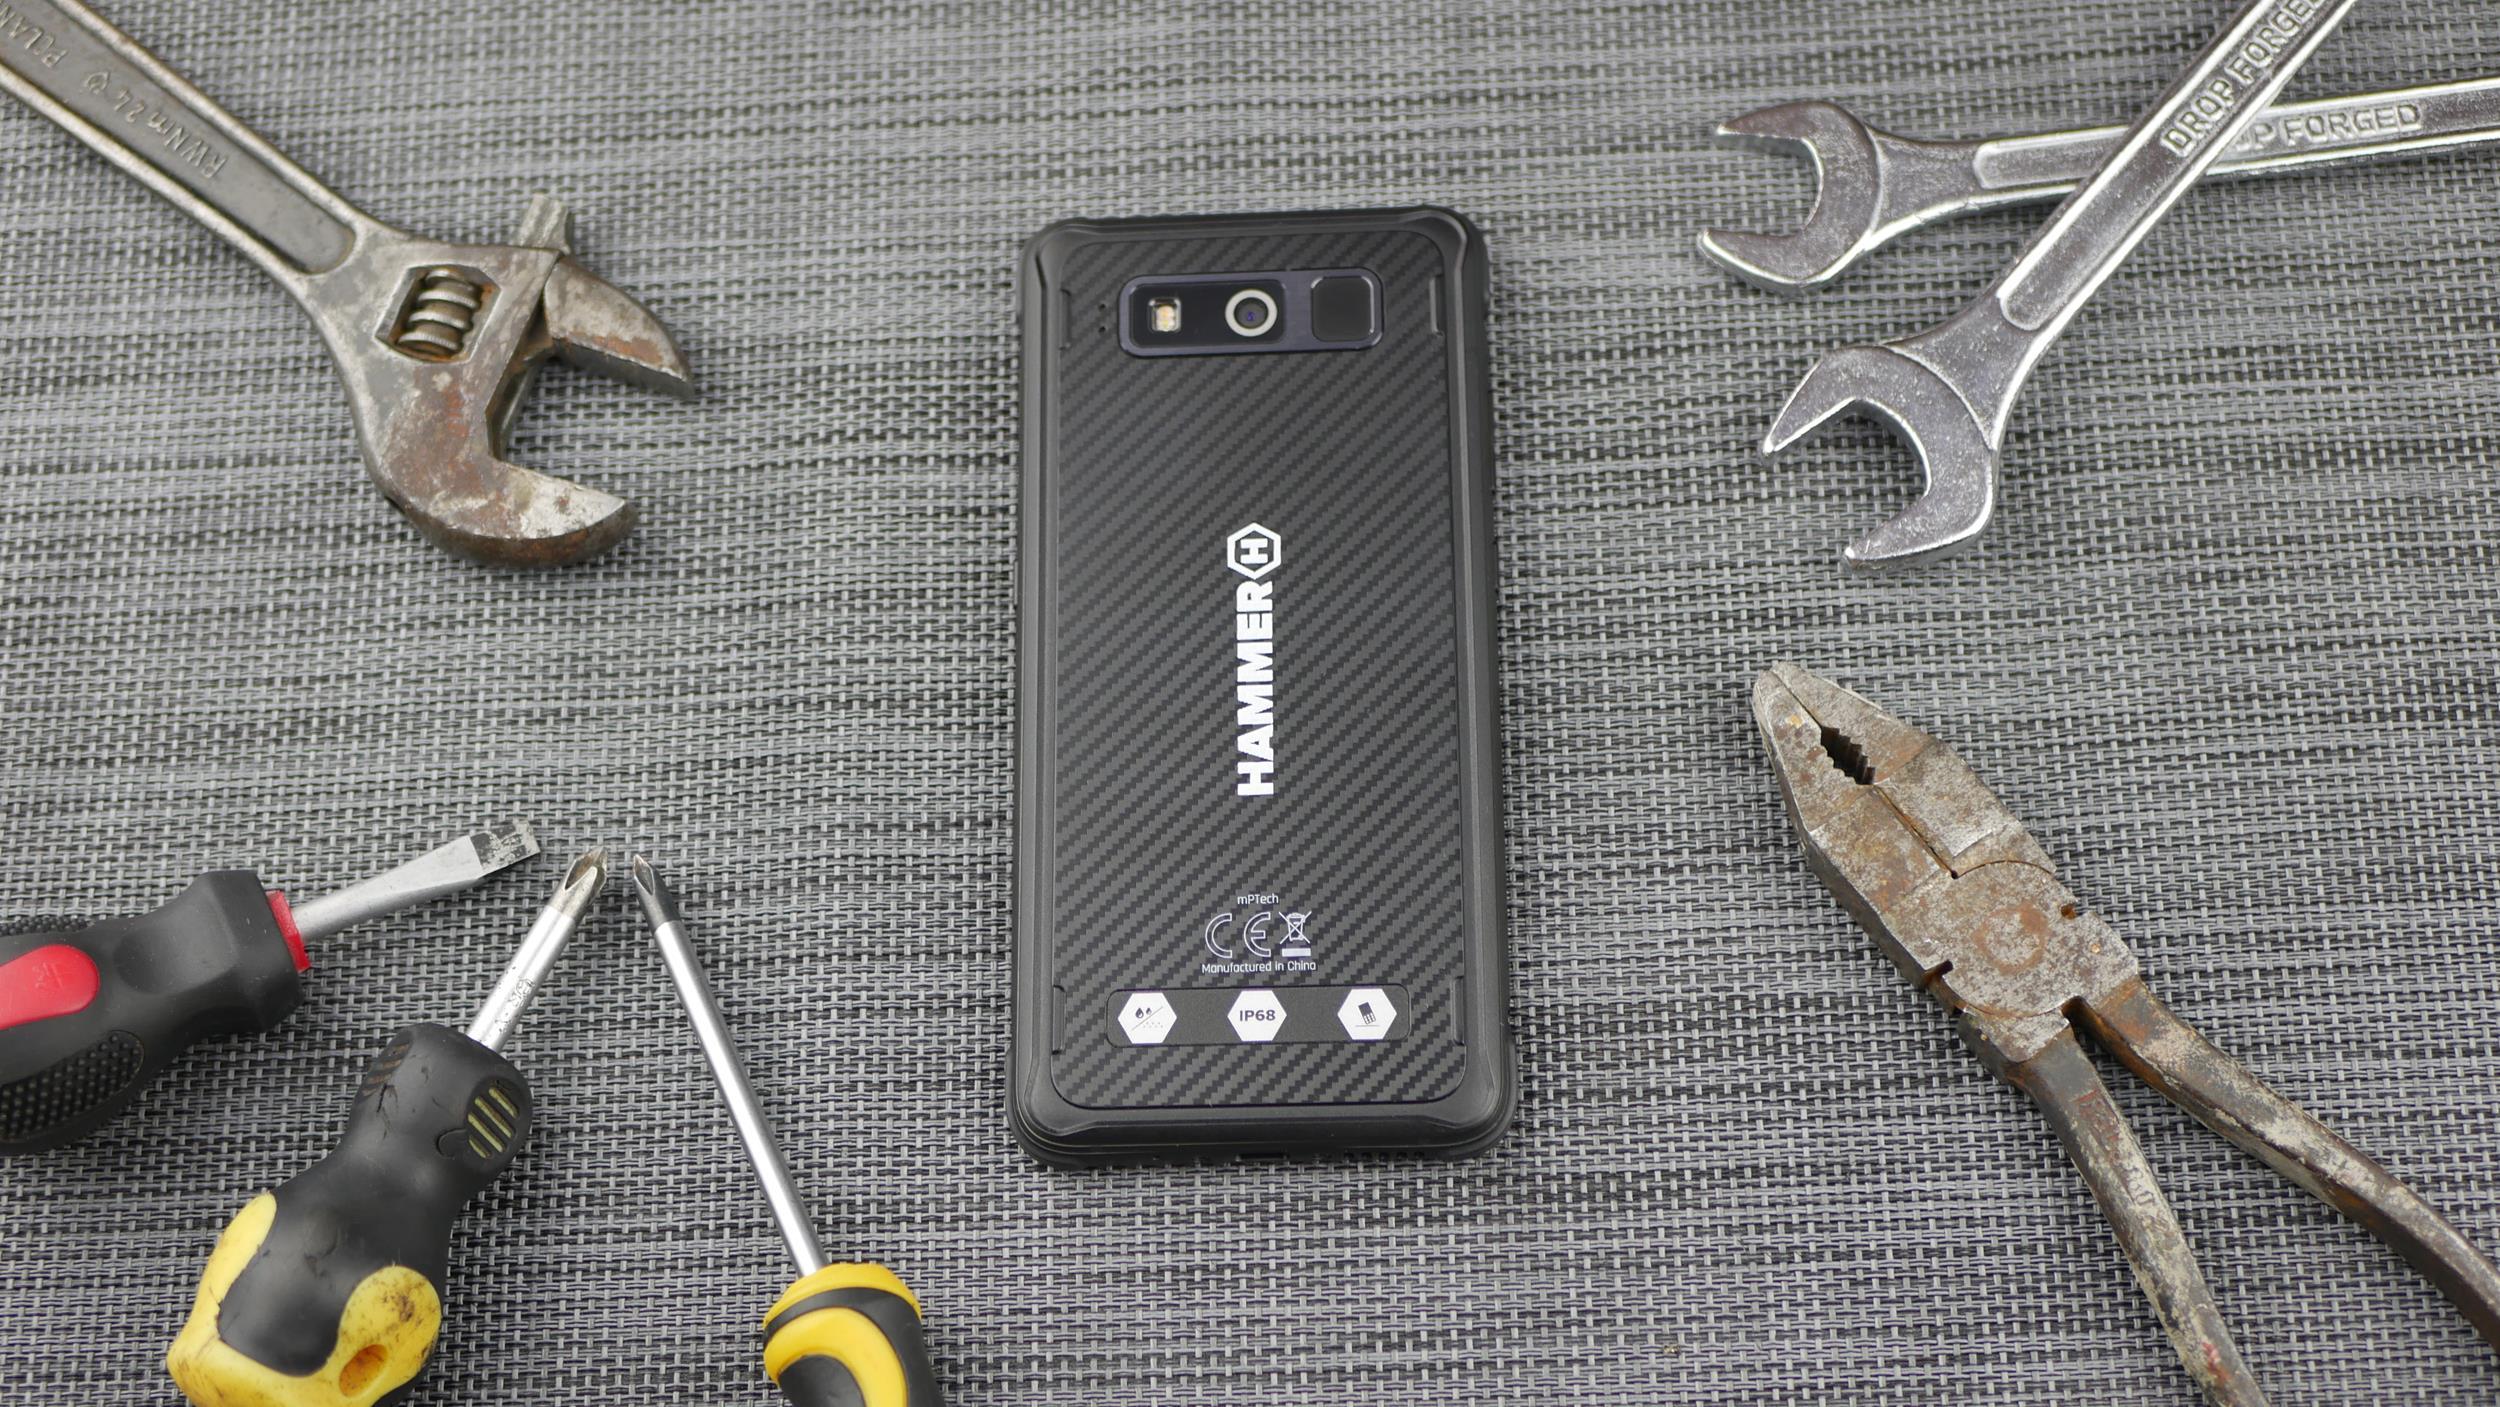 Recenzja Hammer Blade 2 Pro - wytrzymałego smartfona z NFC i 6 GB RAM 63